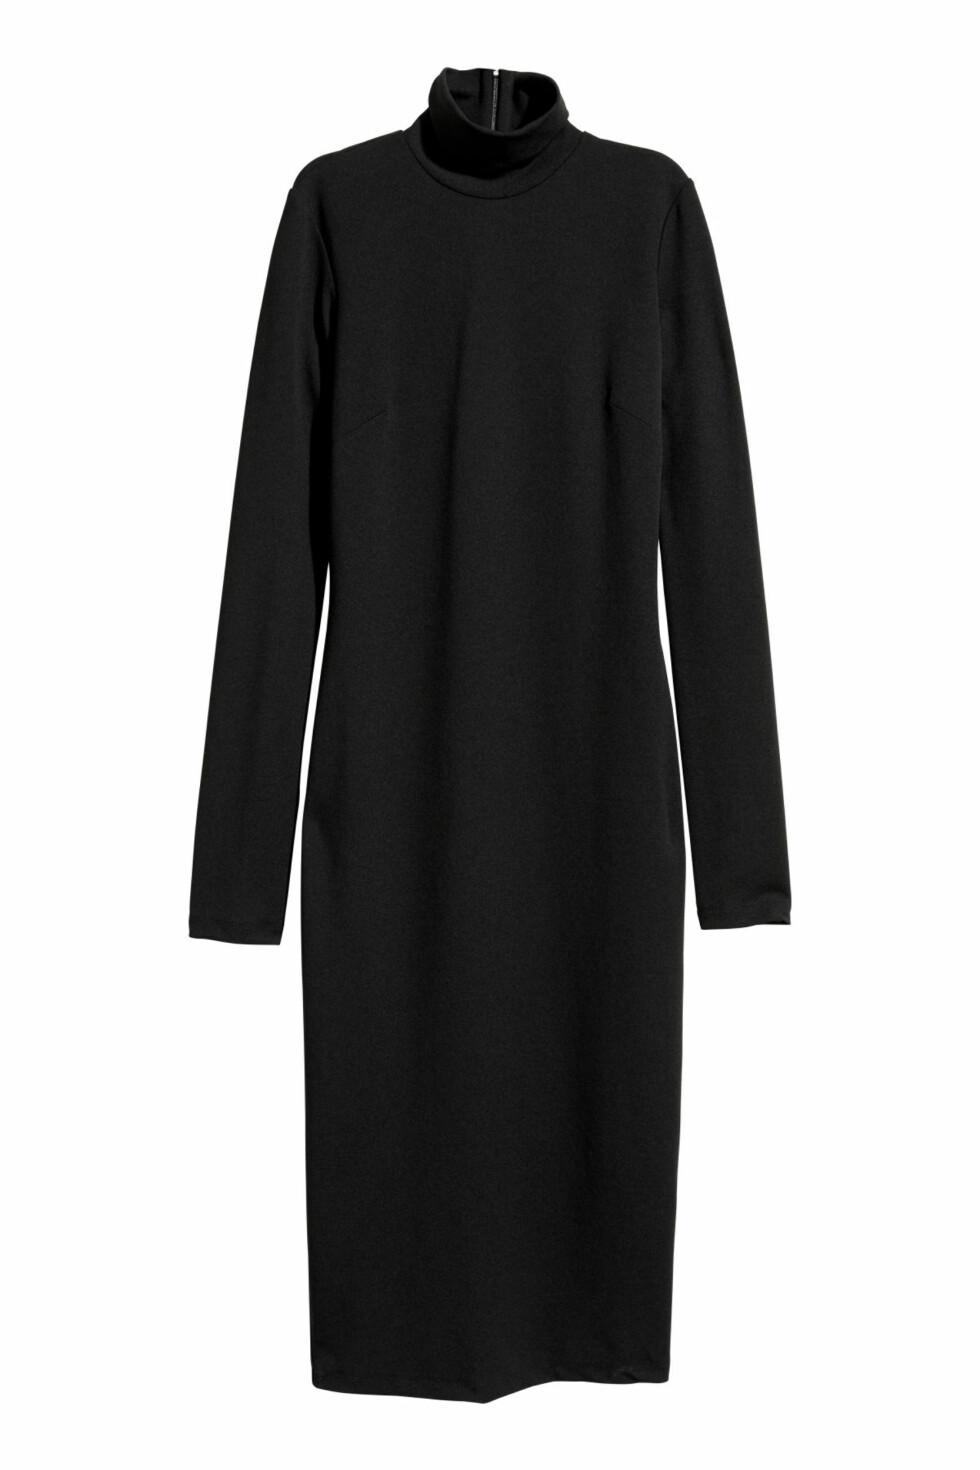 Kjole fra H&M |399,-| http://www.hm.com/no/product/95211?article=95211-C&cm_vc=PRA1